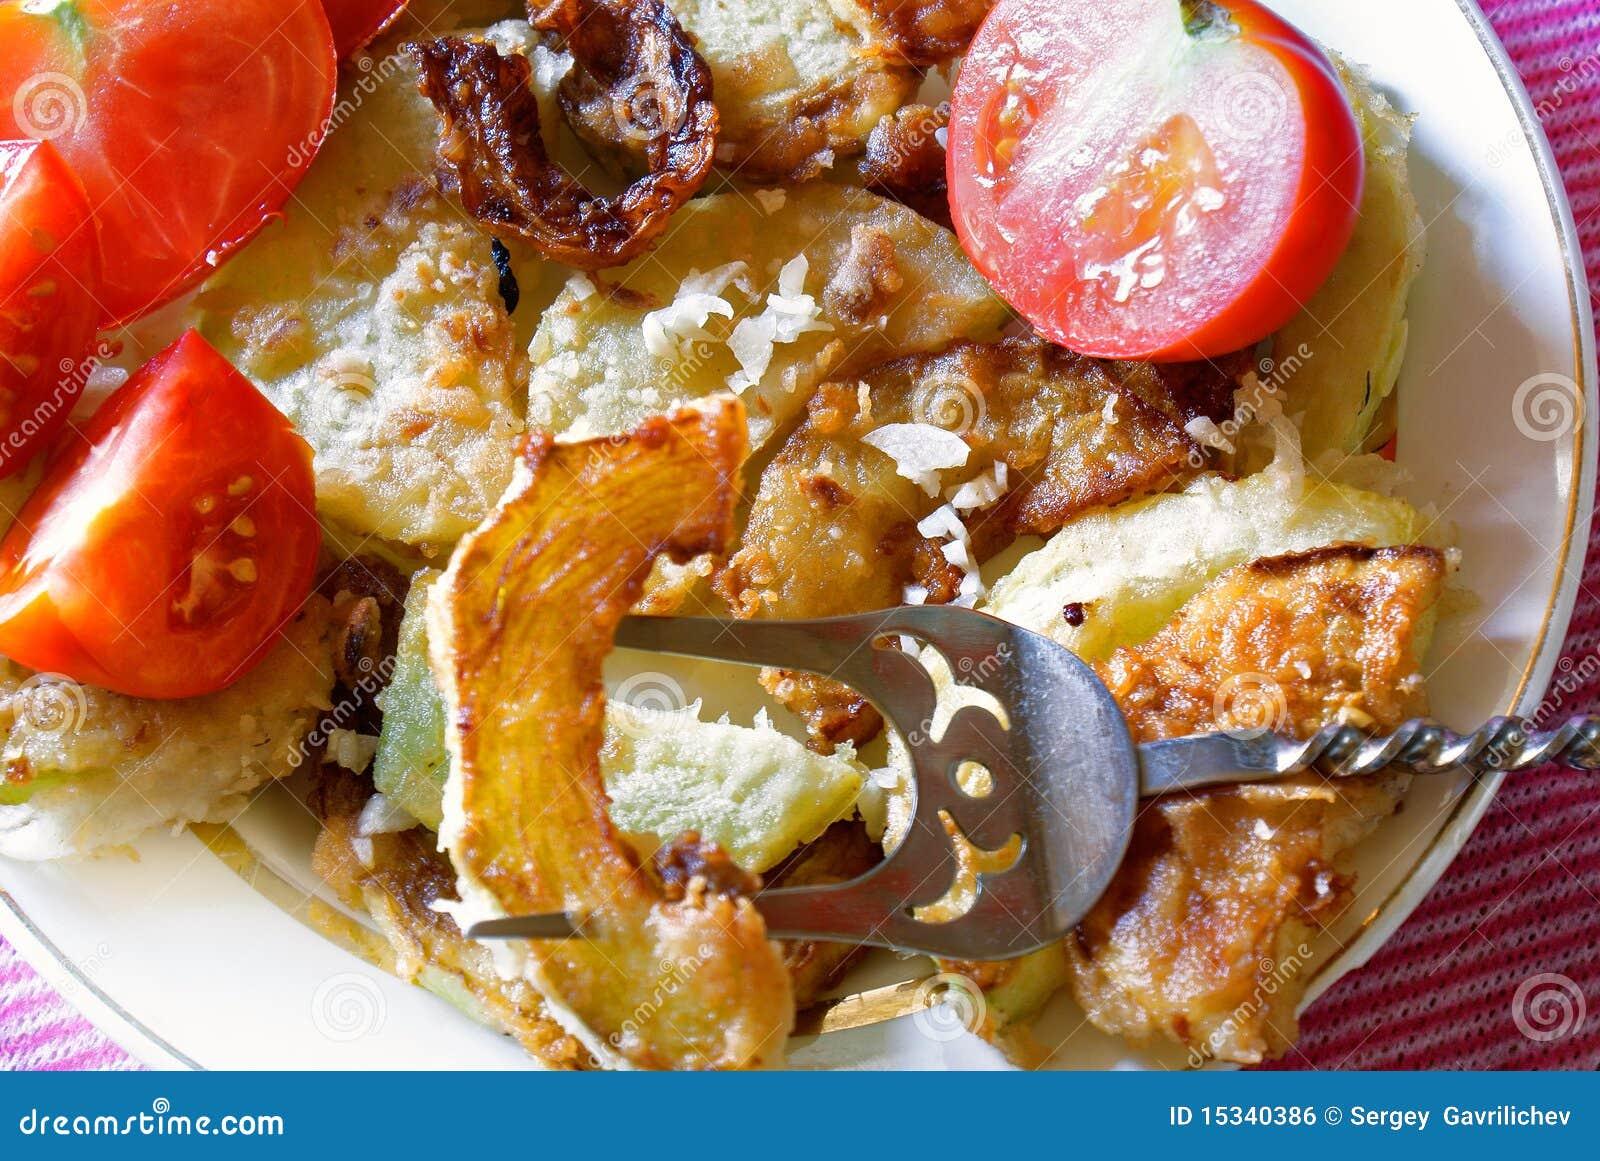 油炸食品的调料_开胃油炸物庭院大蒜骨髓调味料 库存照片. 图片 包括有 午餐 ...